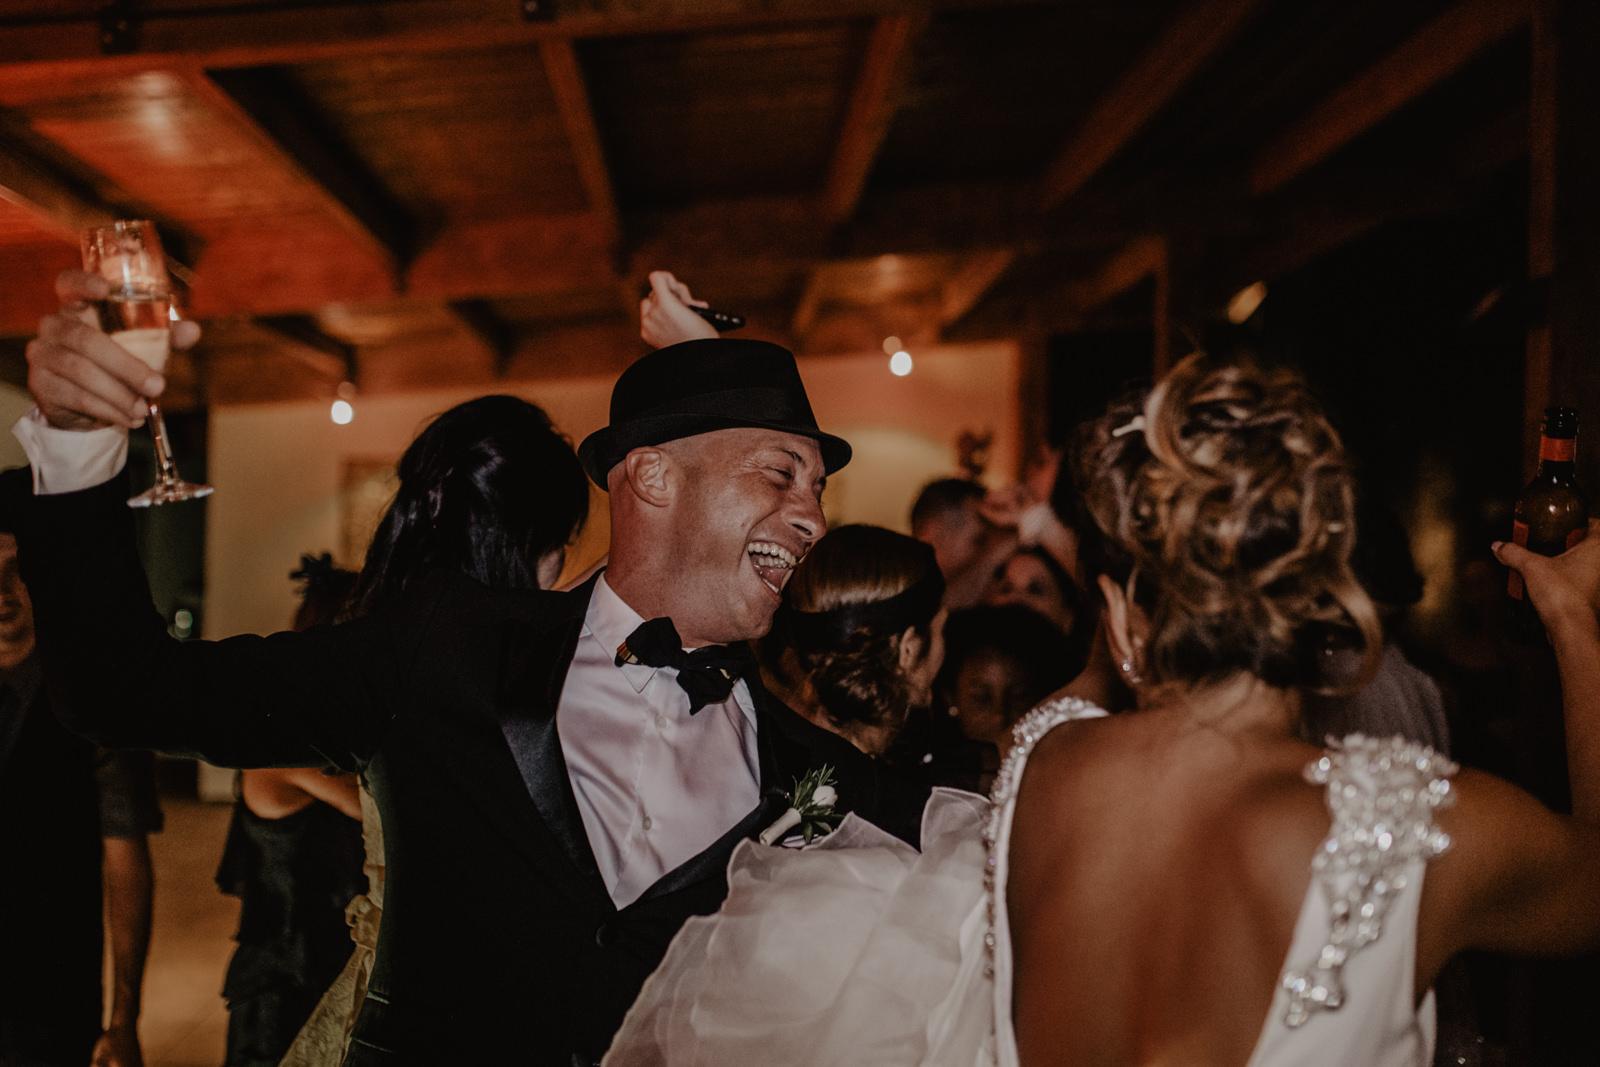 thenortherngirlphotography_photography_thenortherngirl_rebeccascabros_wedding_weddingphotography_weddingphotographer_barcelona_bodaenlabaronia_labaronia_japanesewedding_destinationwedding_shokoalbert-1134.jpg